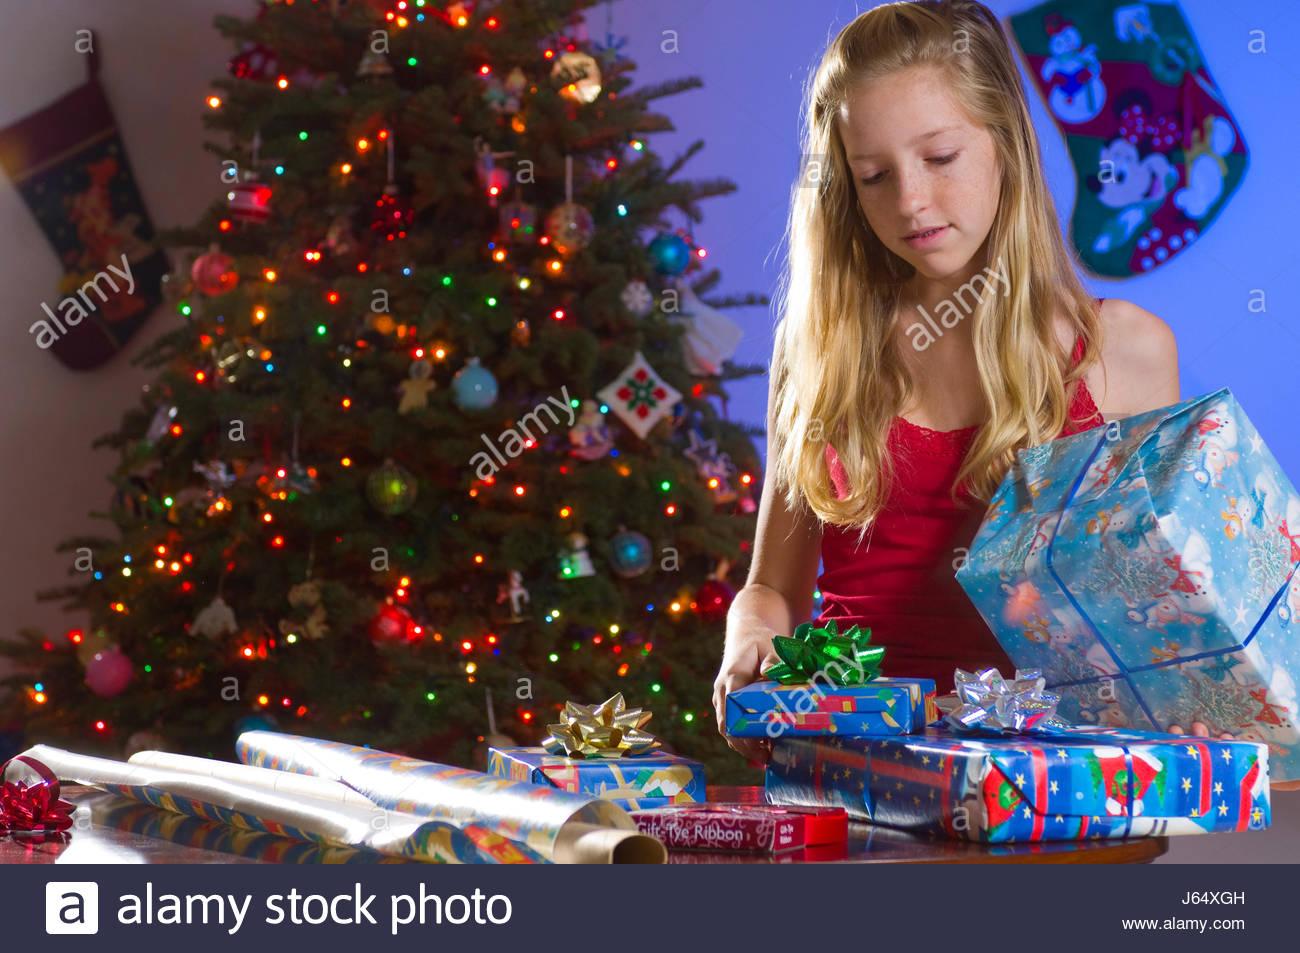 Teenager-Mädchen mit blonden Haaren verpackte Weihnachtsgeschenke zu ...